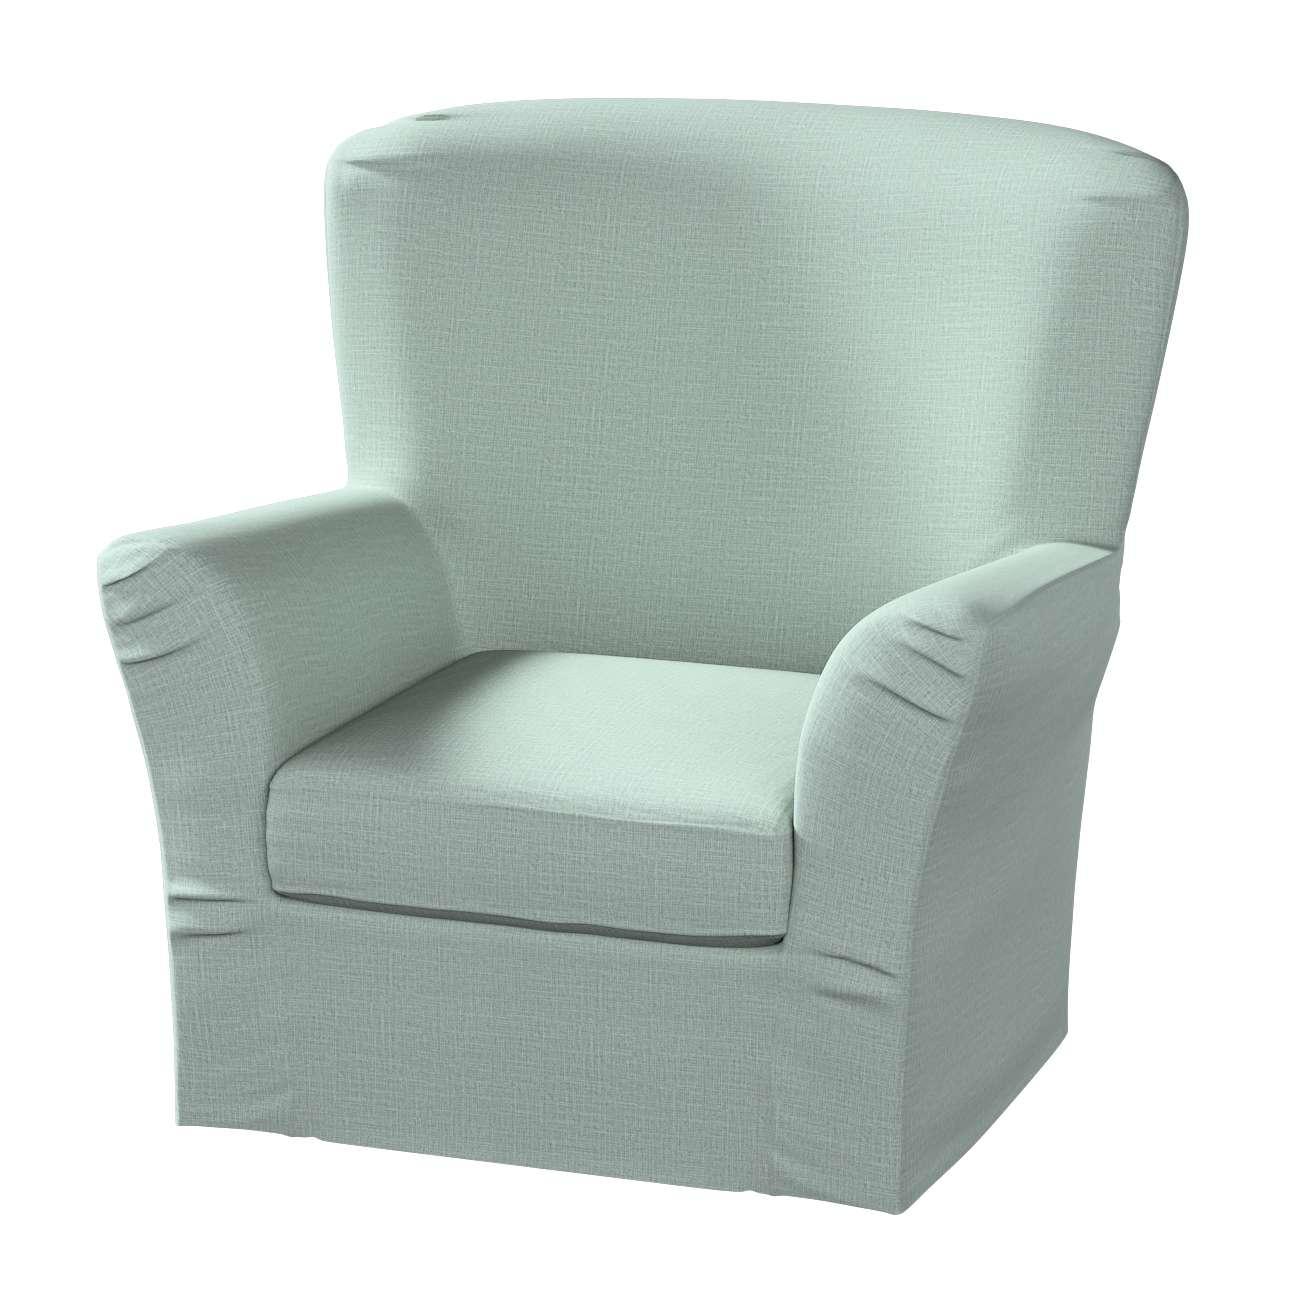 Pokrowiec na fotel Tomelilla z zakładkami w kolekcji Living, tkanina: 160-86